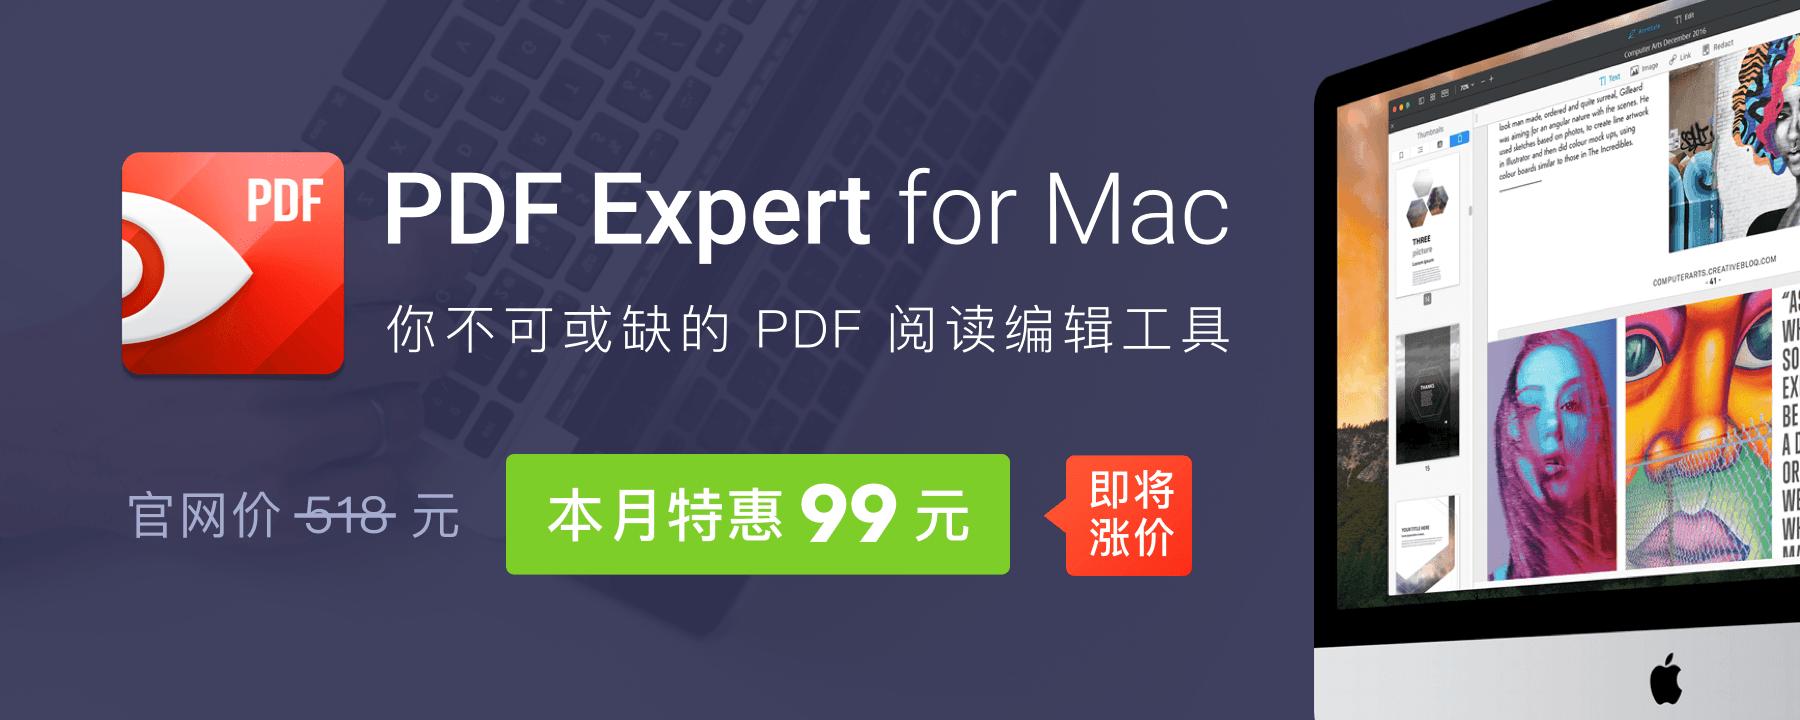 正版 Mac 软件 PDF Expert 十月涨价 末班车仅需 ¥99-沙唐桔